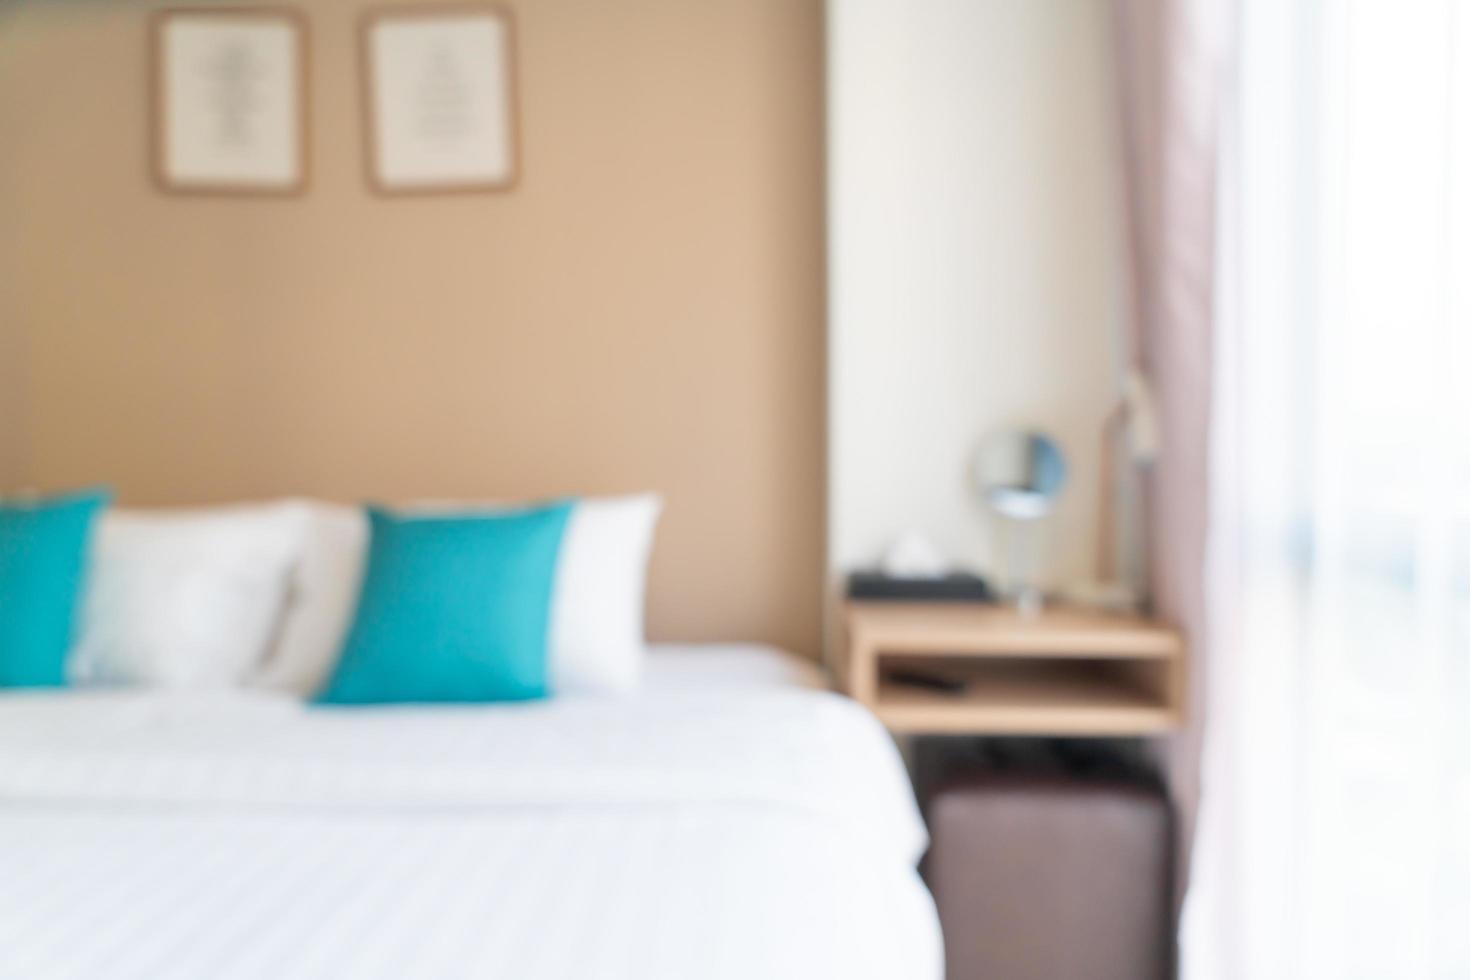 lit flou abstrait dans la chambre pour le fond photo